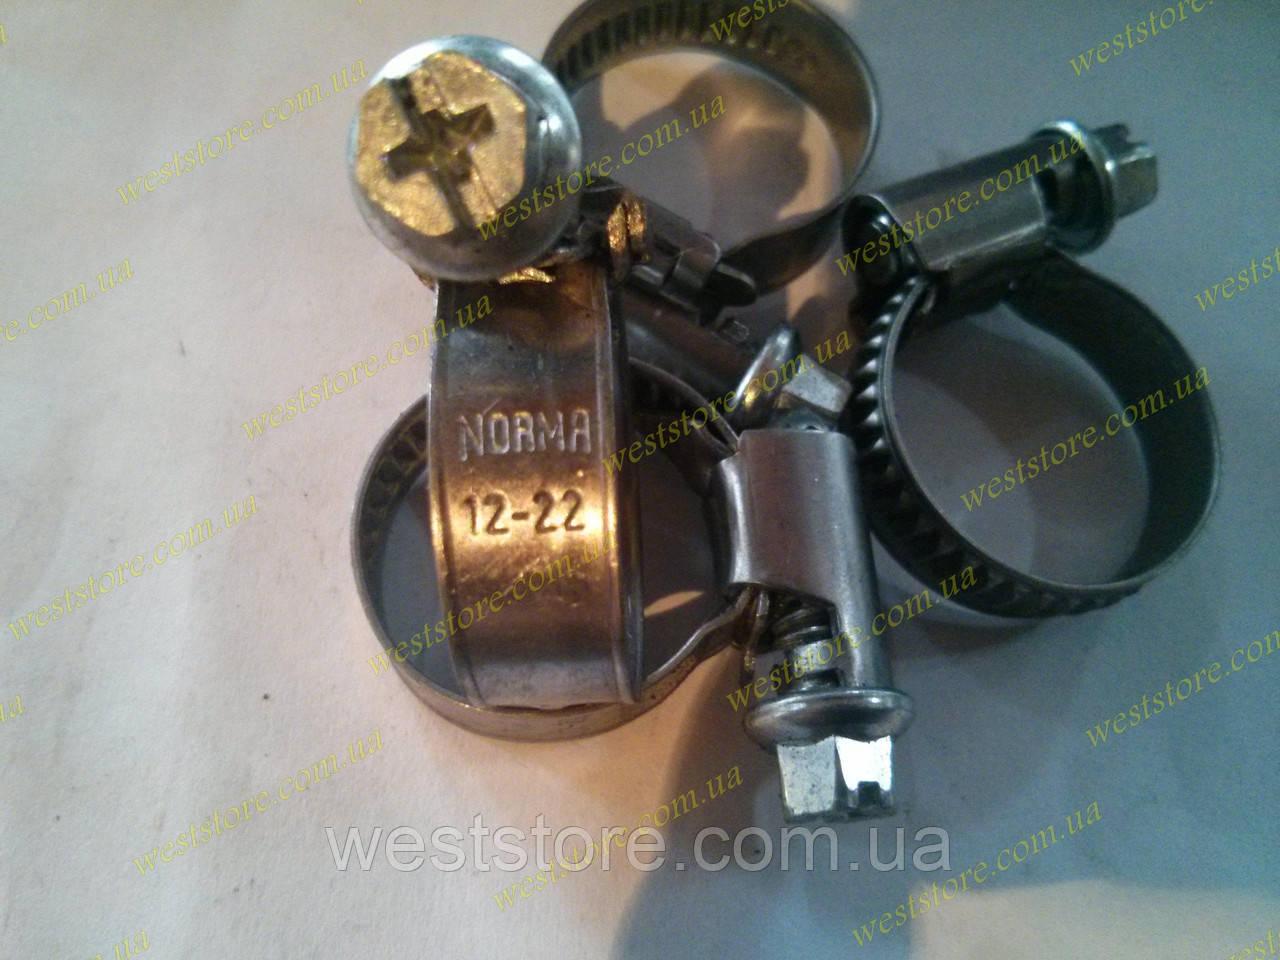 Хомут червячный Norma W2 12-22 мм (нержавеющий), фото 1